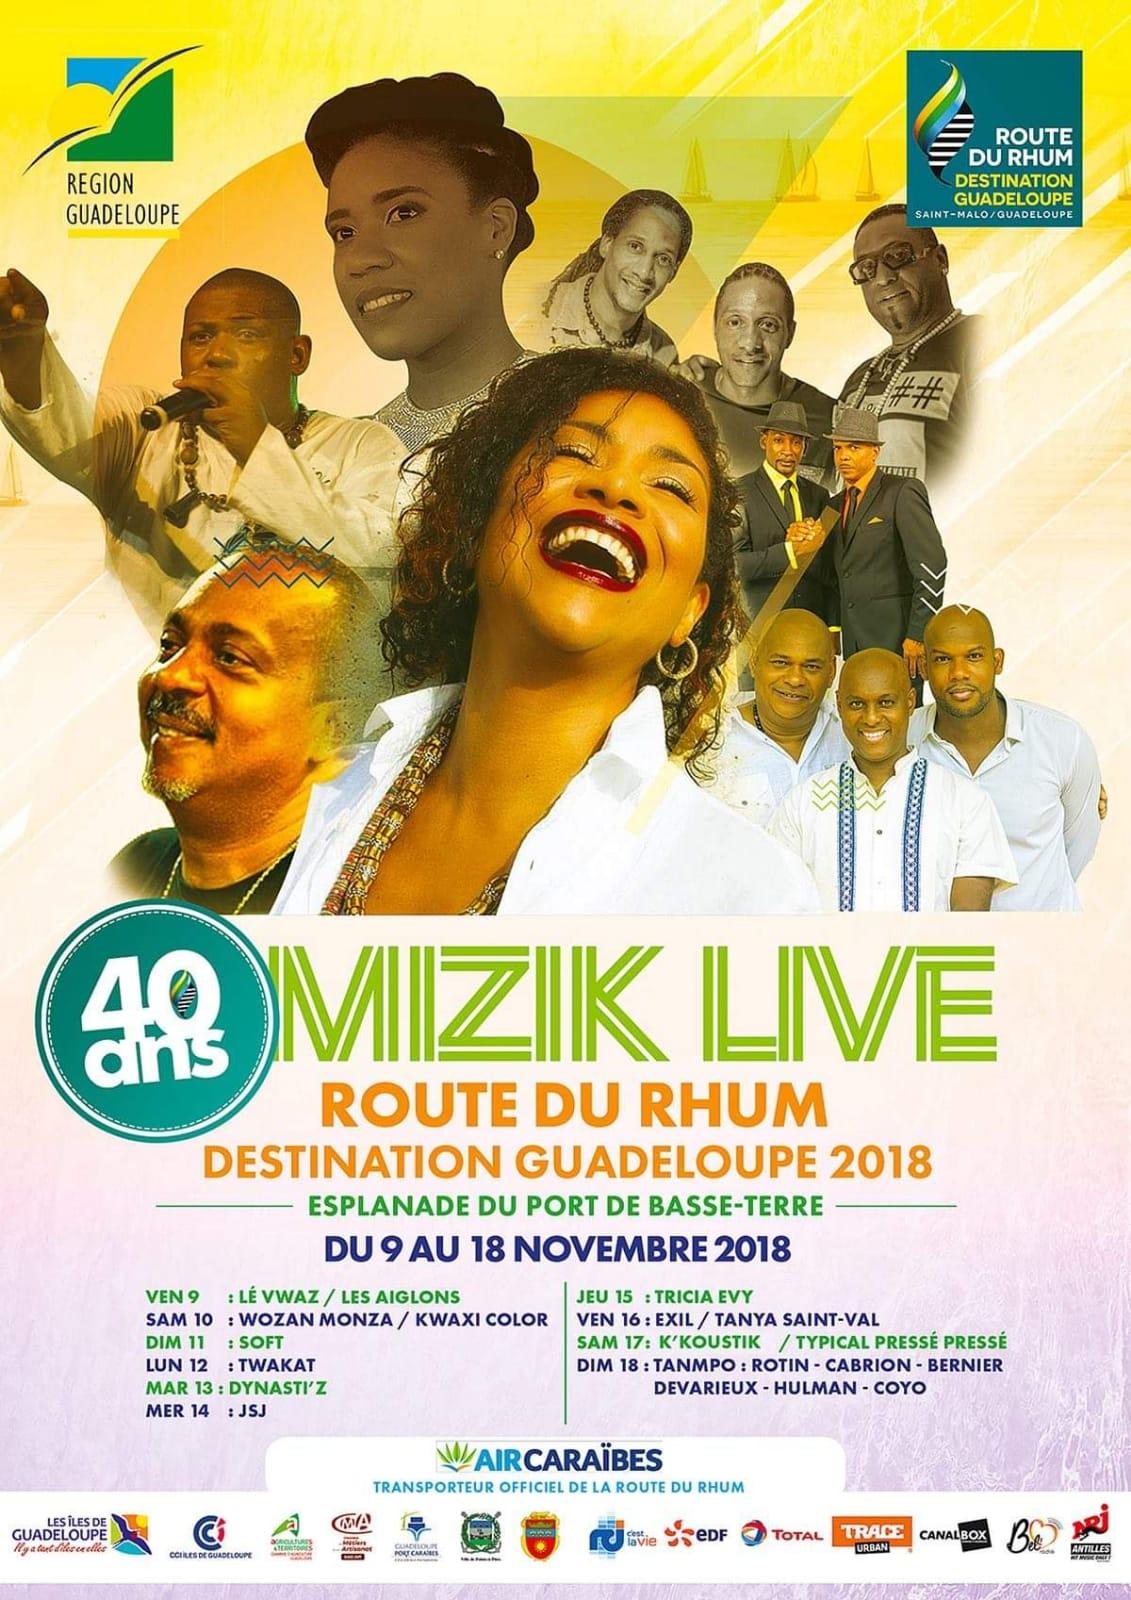 Flyer-Route-du-rhum-2018-concerts-basse-terre